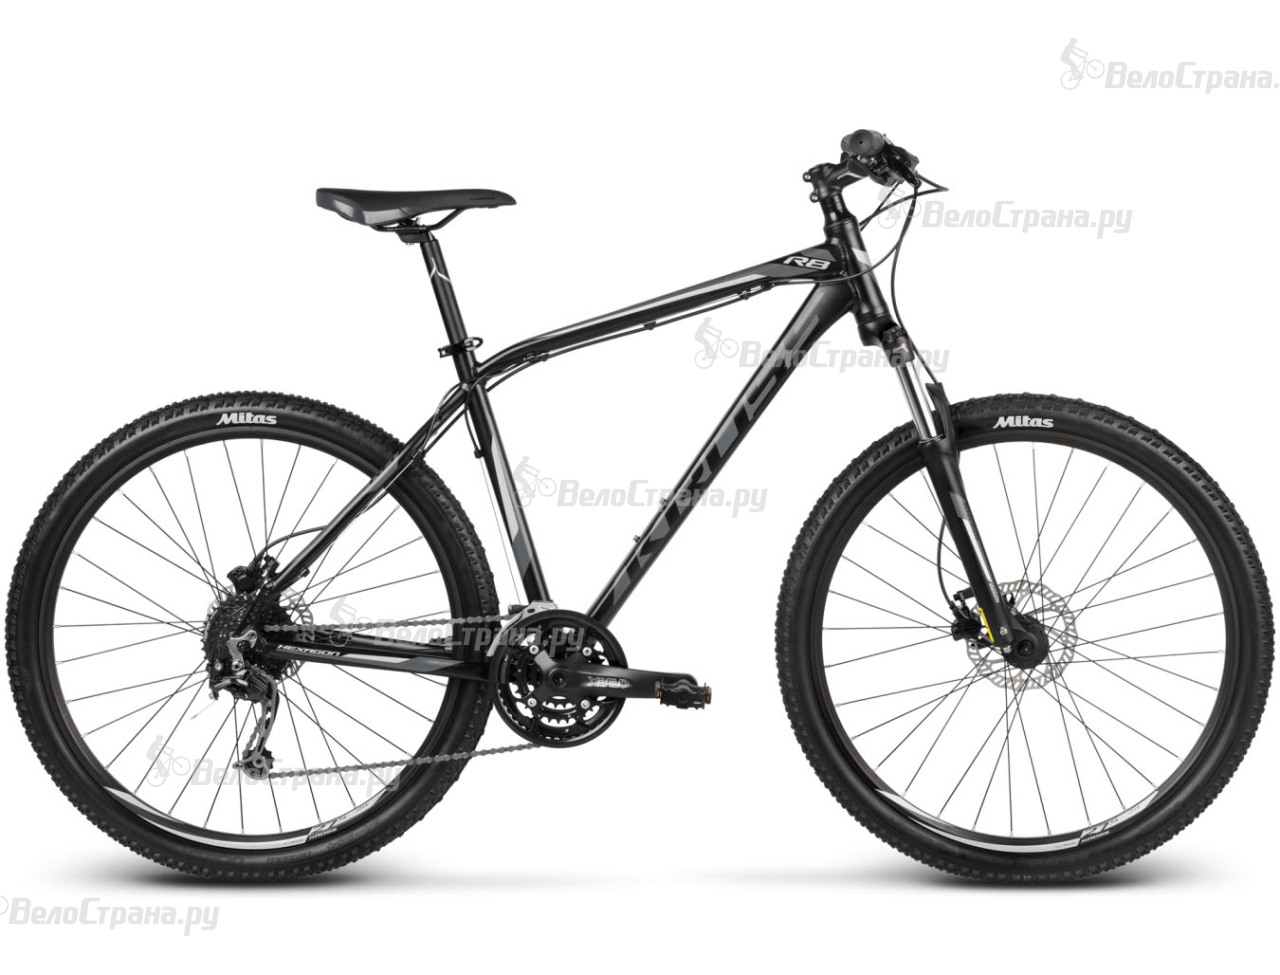 Велосипед Kross Hexagon R8 (2017) велосипед r toys galaxy лучик vivat 10 8 красный трехколёсный